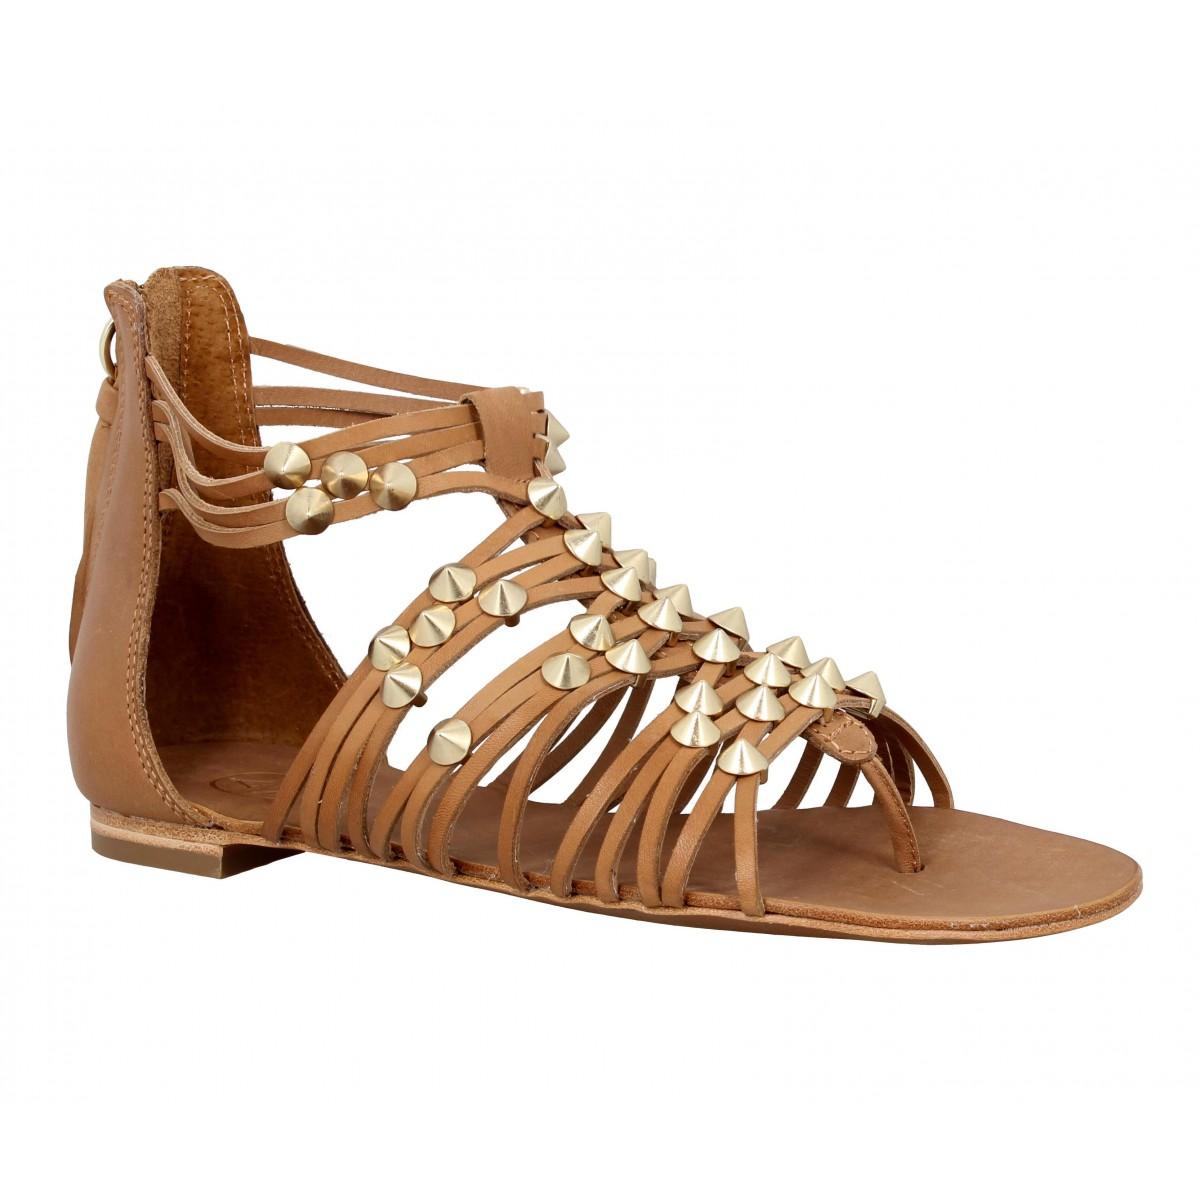 Ash Des Au Chaussures Rock Pieds Fanny Bout Blog L'esprit UrURwqpB